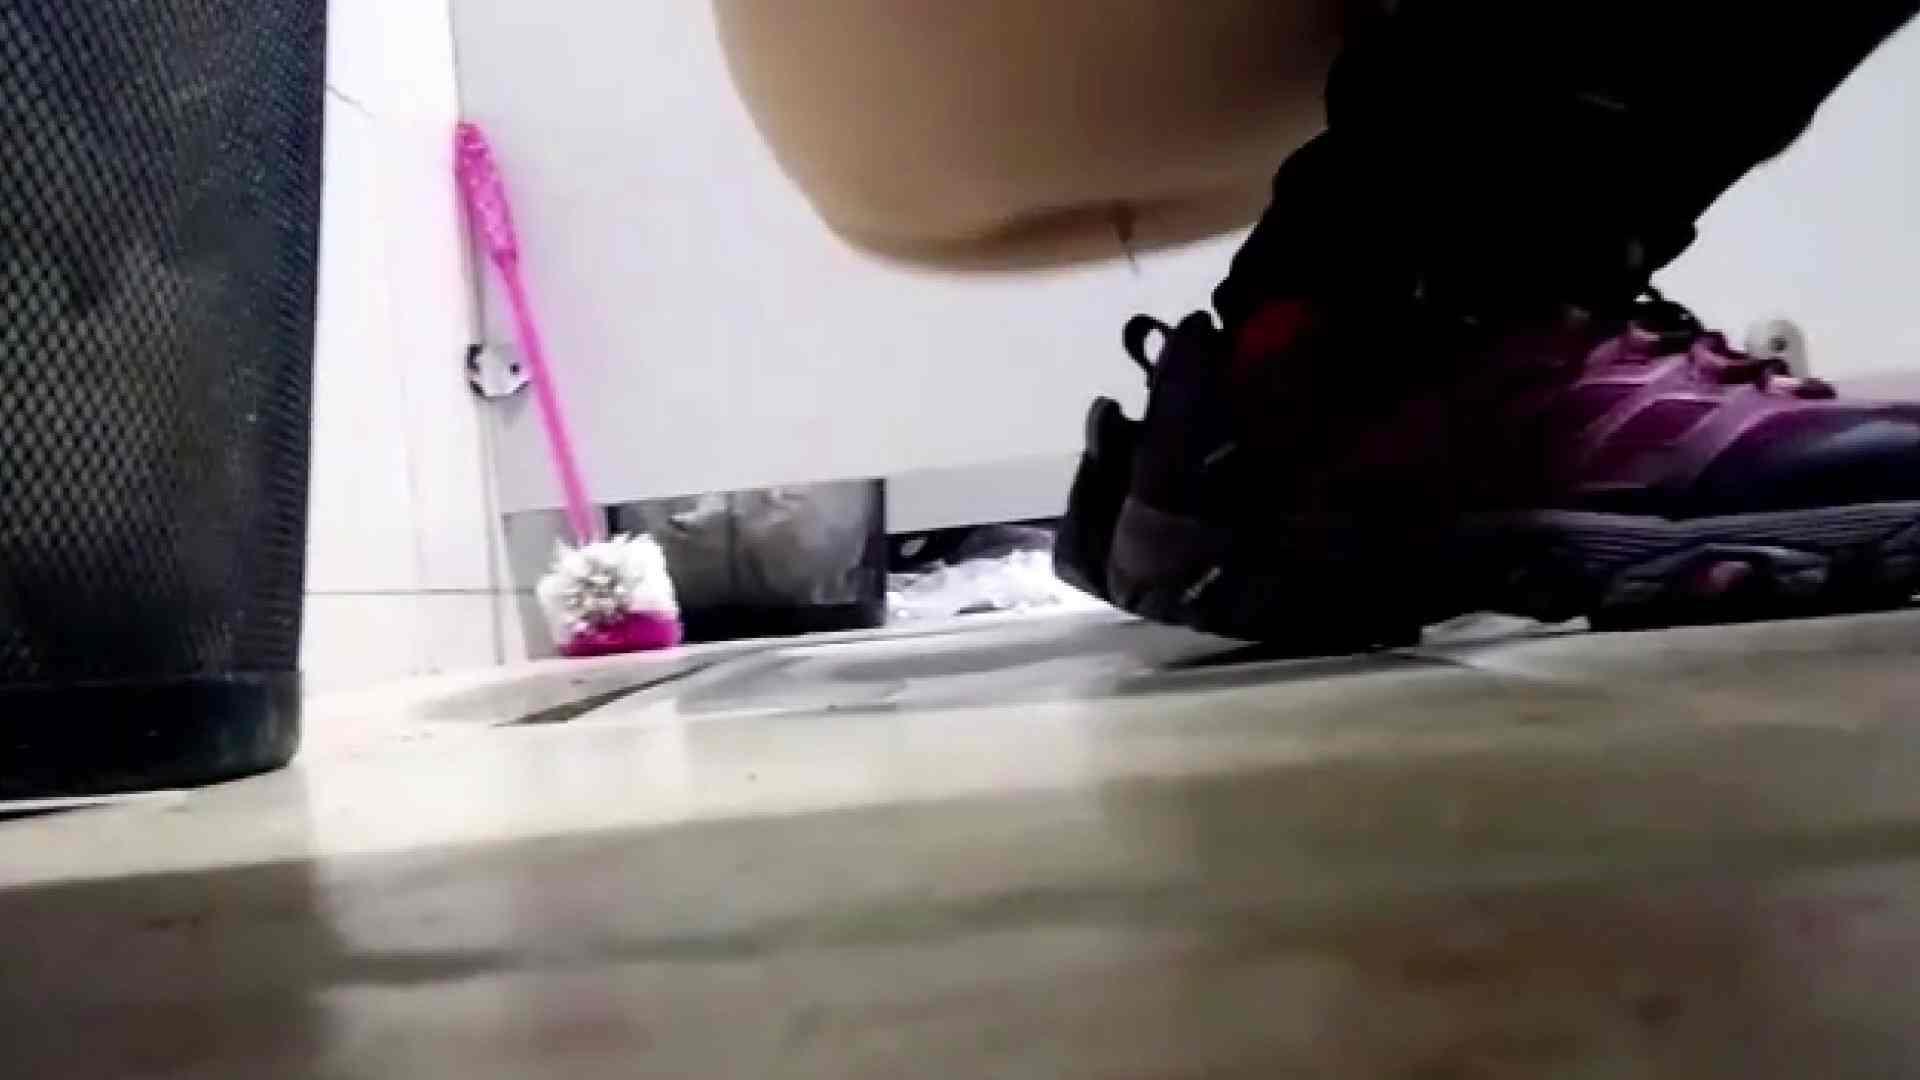 芸術大学ガチ潜入盗撮 JD盗撮 美女の洗面所の秘密 Vol.104 エッチなOL AV無料動画キャプチャ 101枚 27